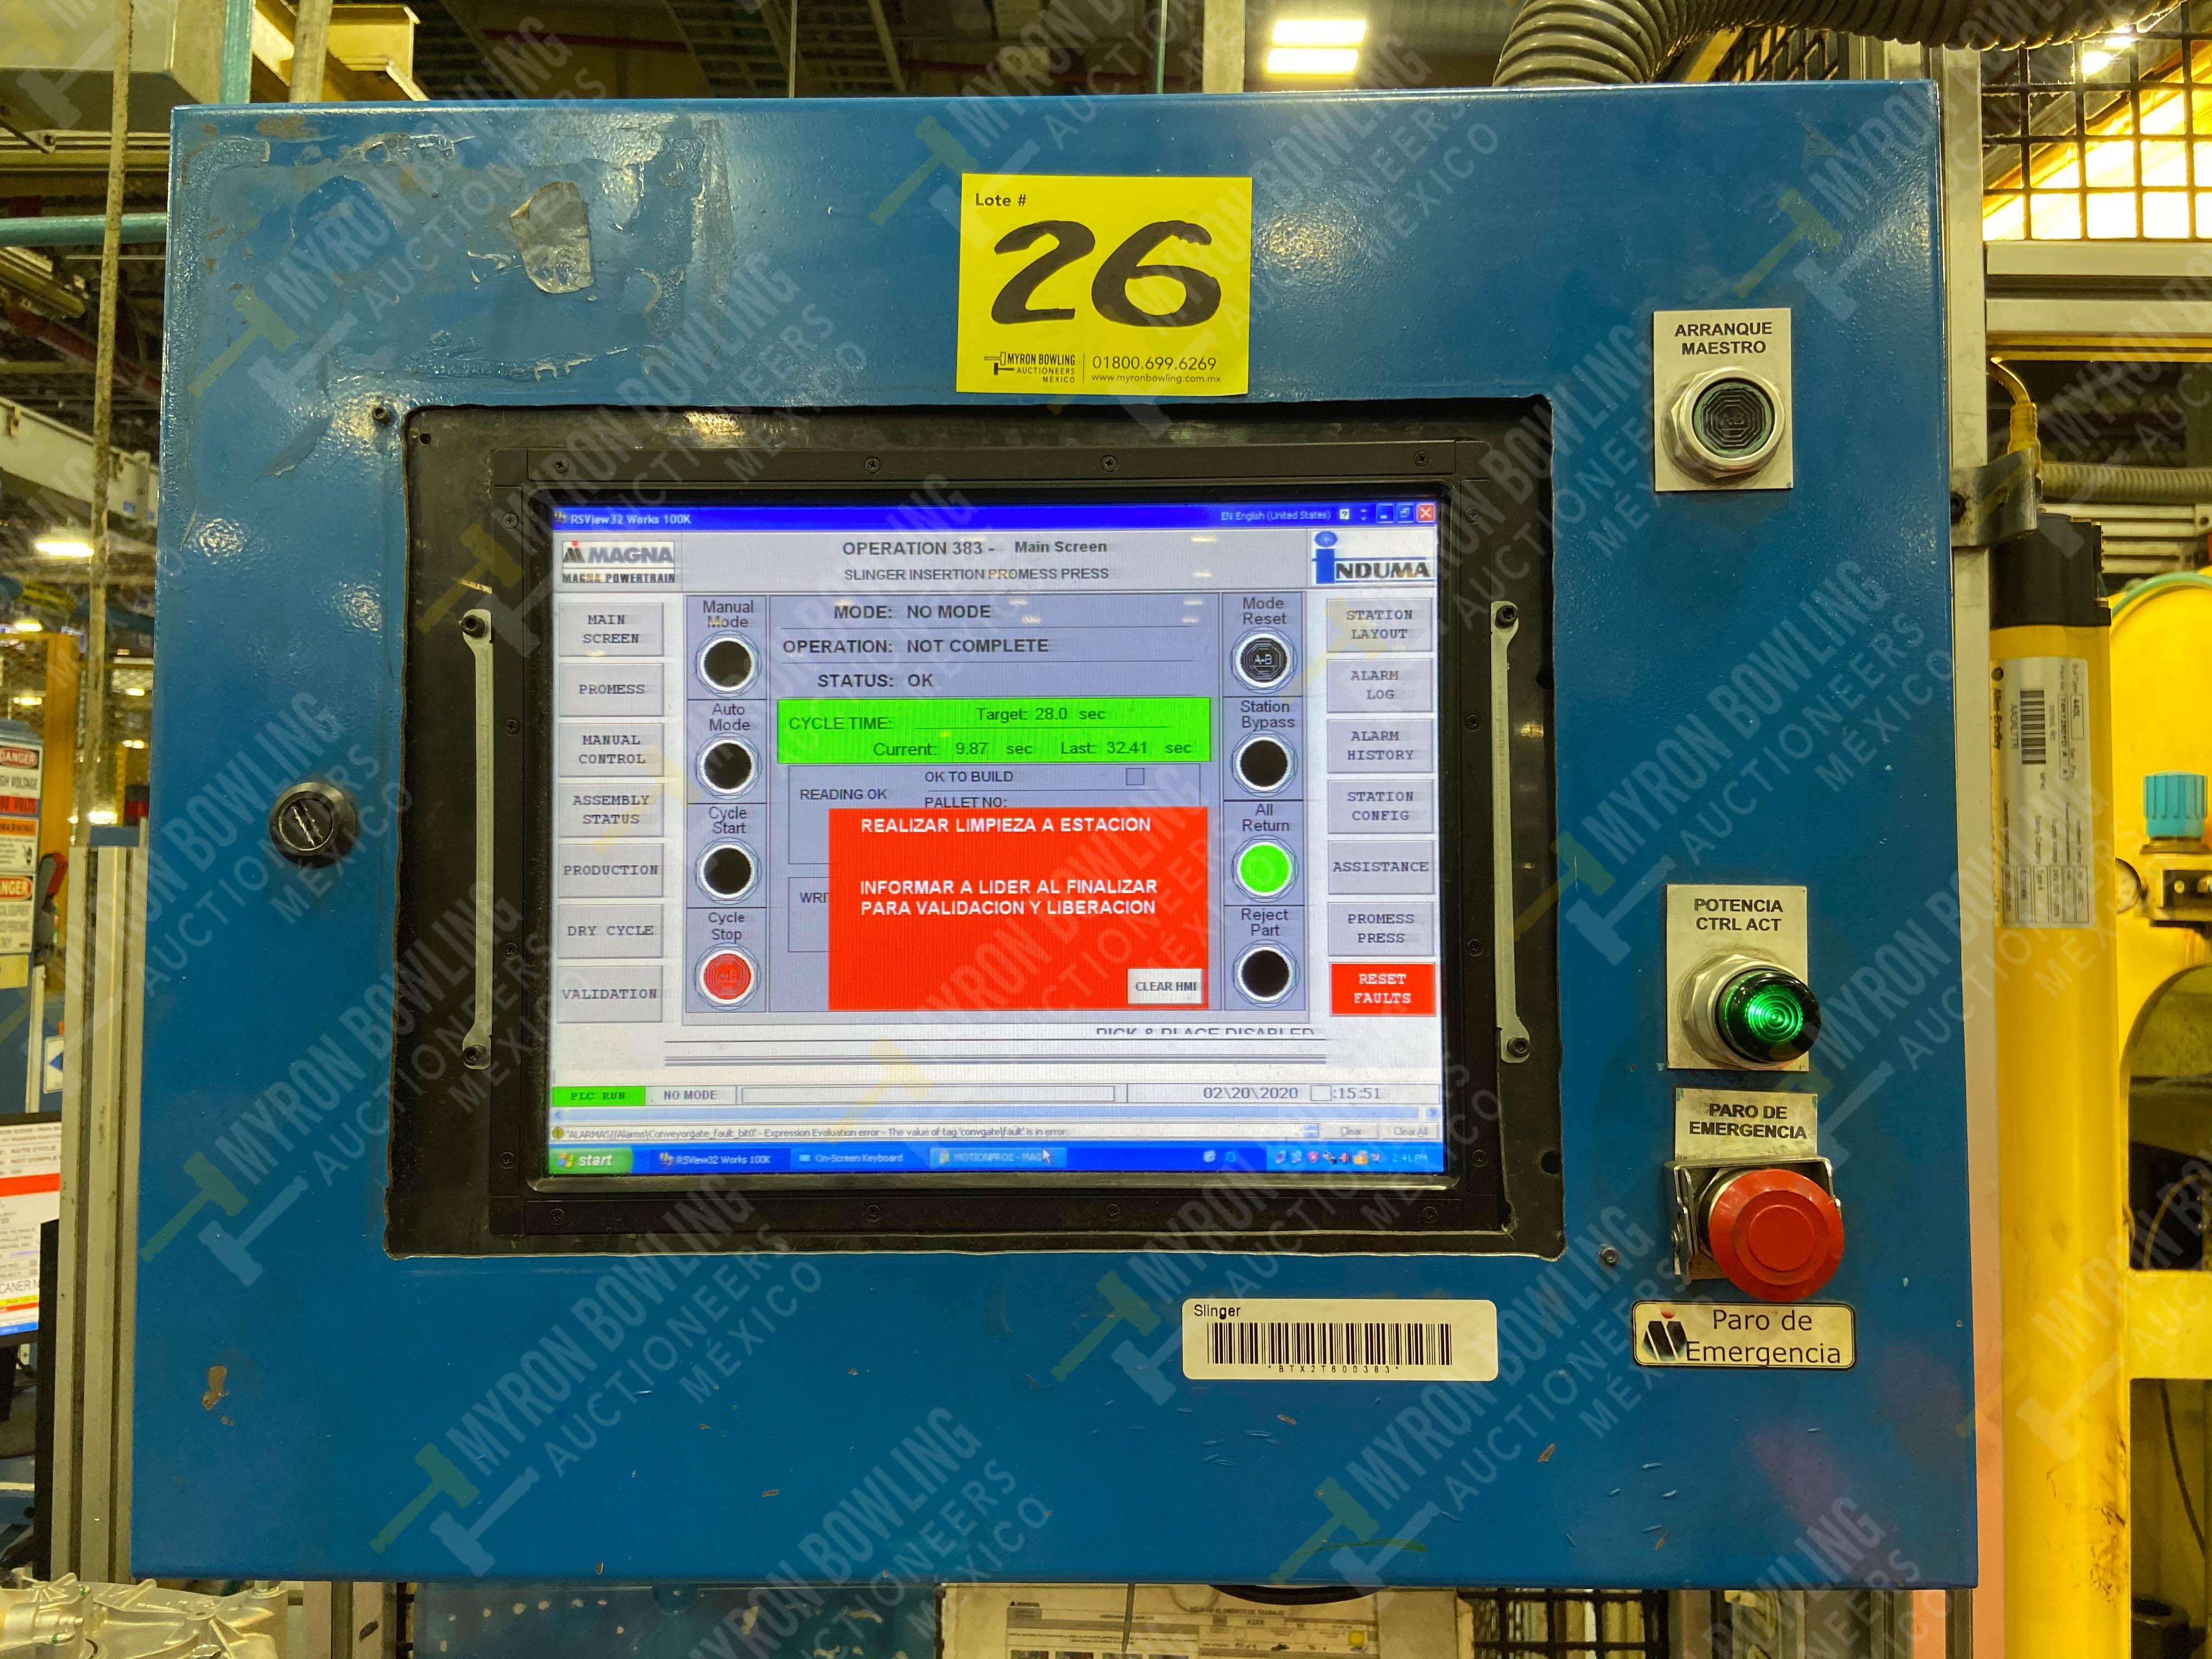 Estación manual para operación 383, contiene: Prensa marca PROMESS en estructura de placa de acero - Image 25 of 27